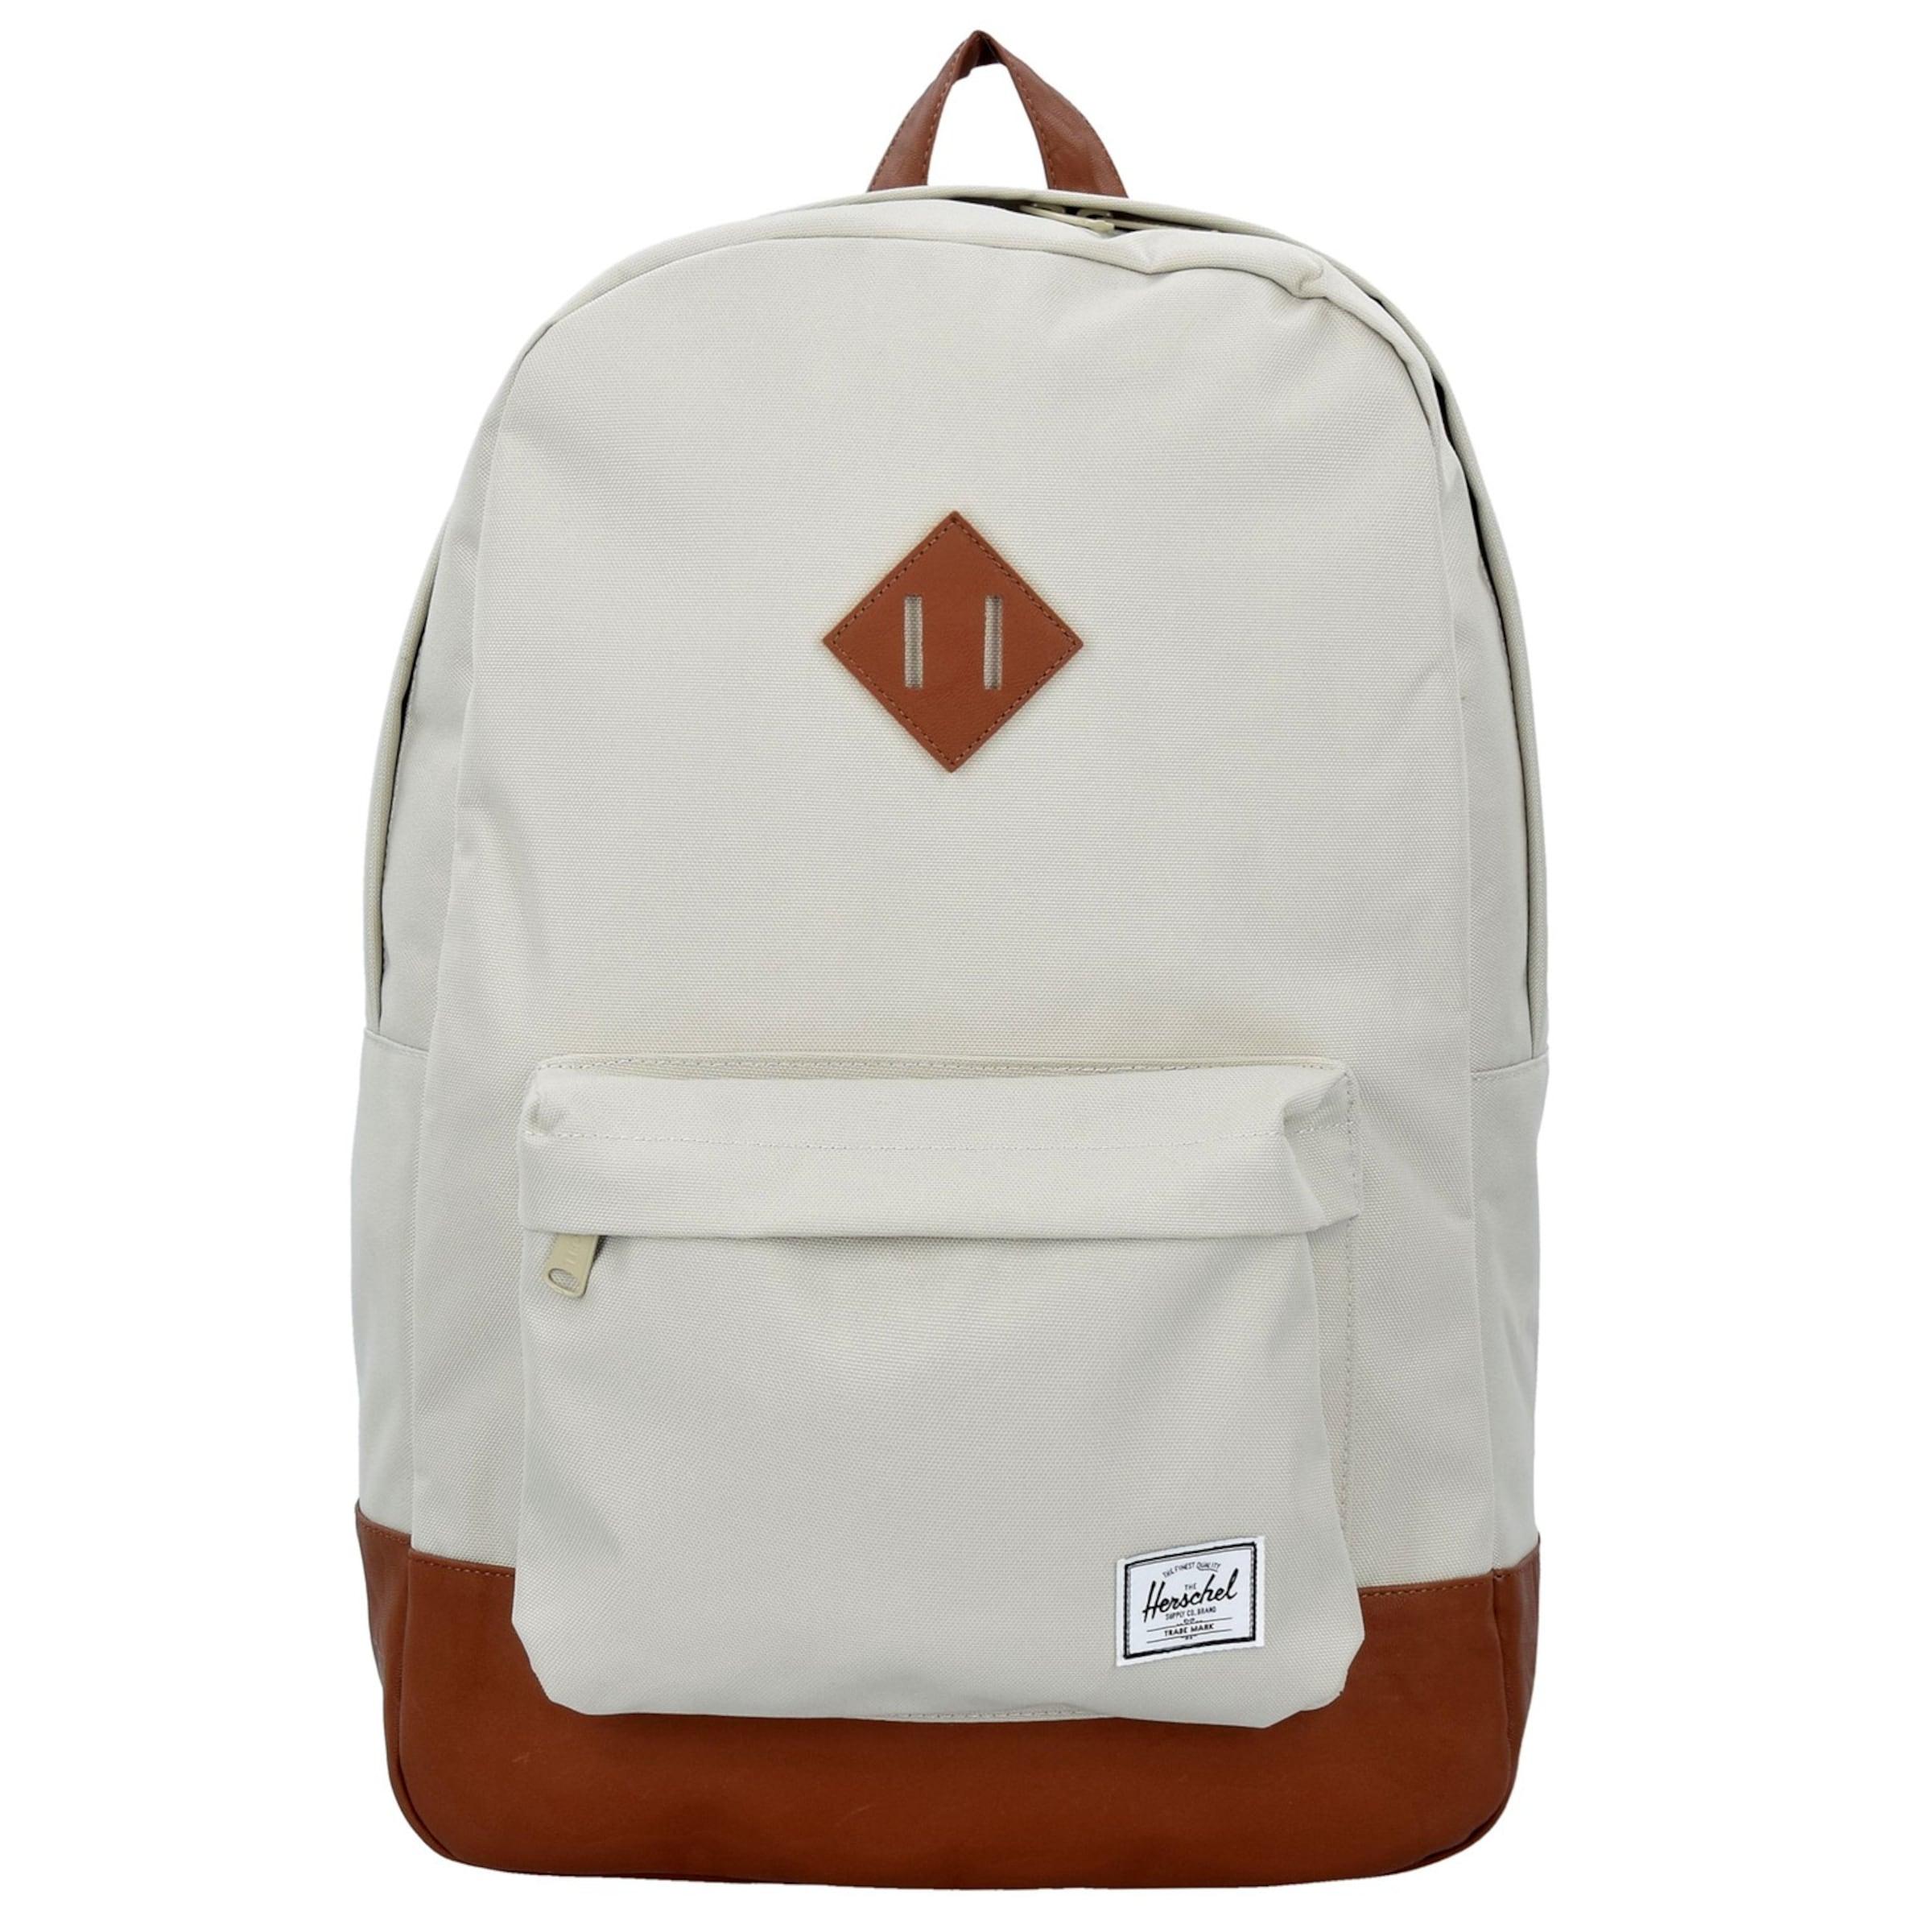 Zum Verkauf Günstigen Preis Verkaufsqualität Herschel Rucksack mit Rucksack 'Heritage 17 Backpack' jVHqvlWnvC